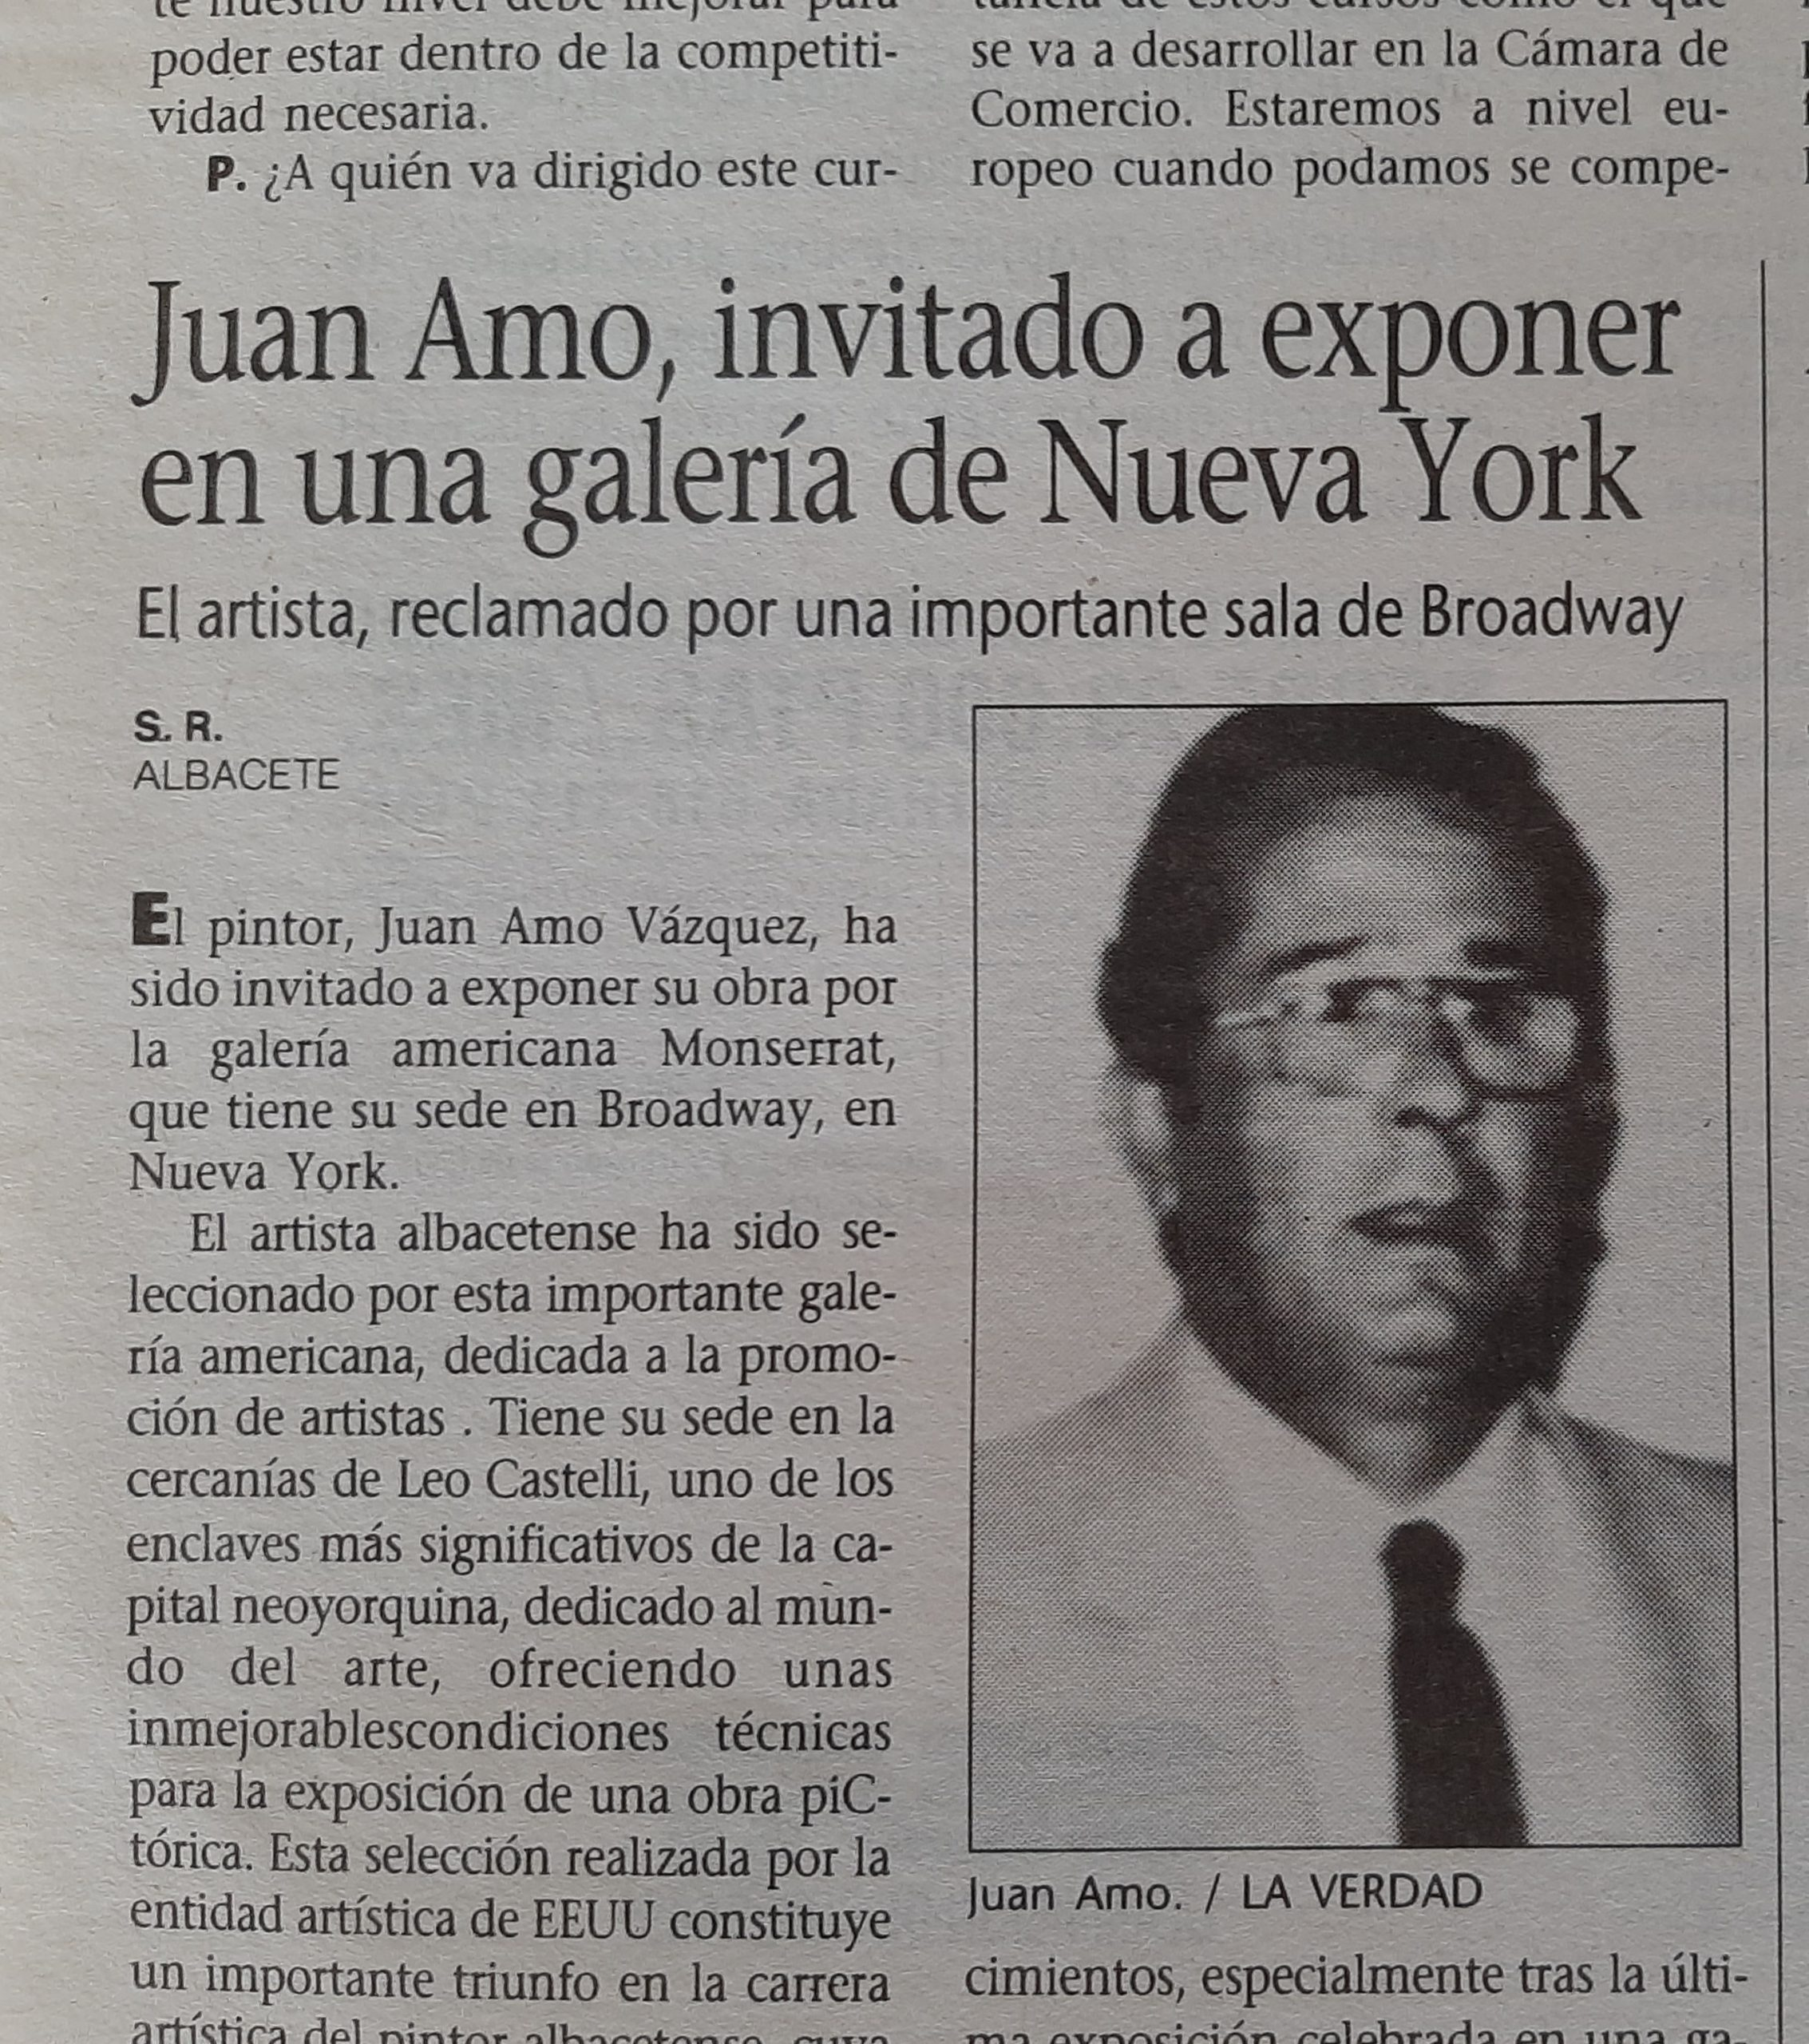 Juan Amo Vázquez. Pintores cotizados de Albacete